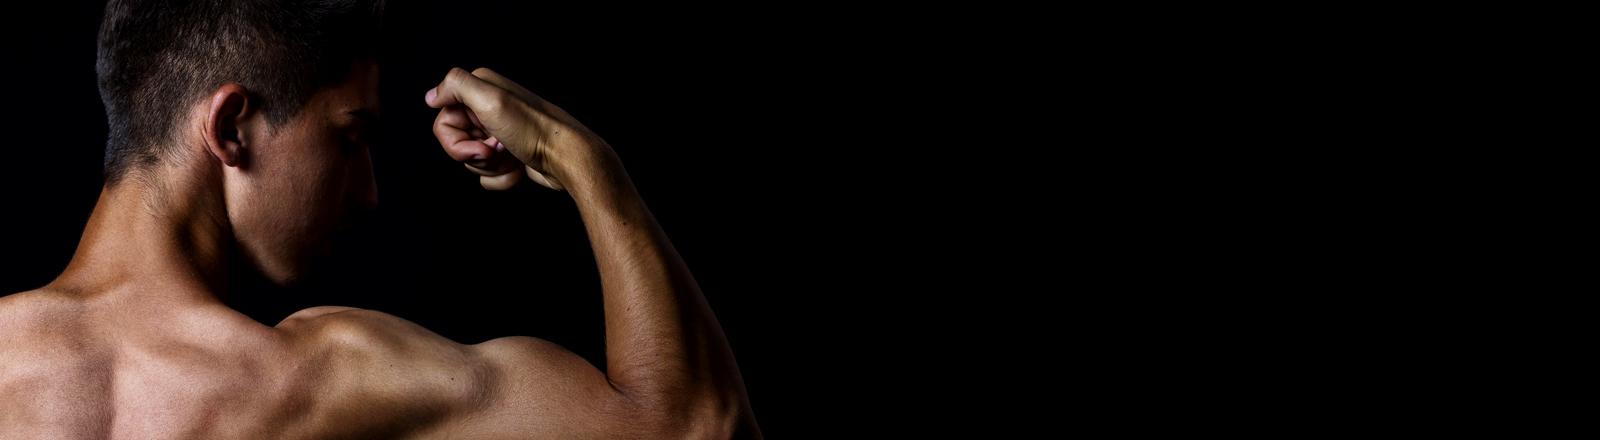 Ein junger Mann spannt seine Muskeln an.